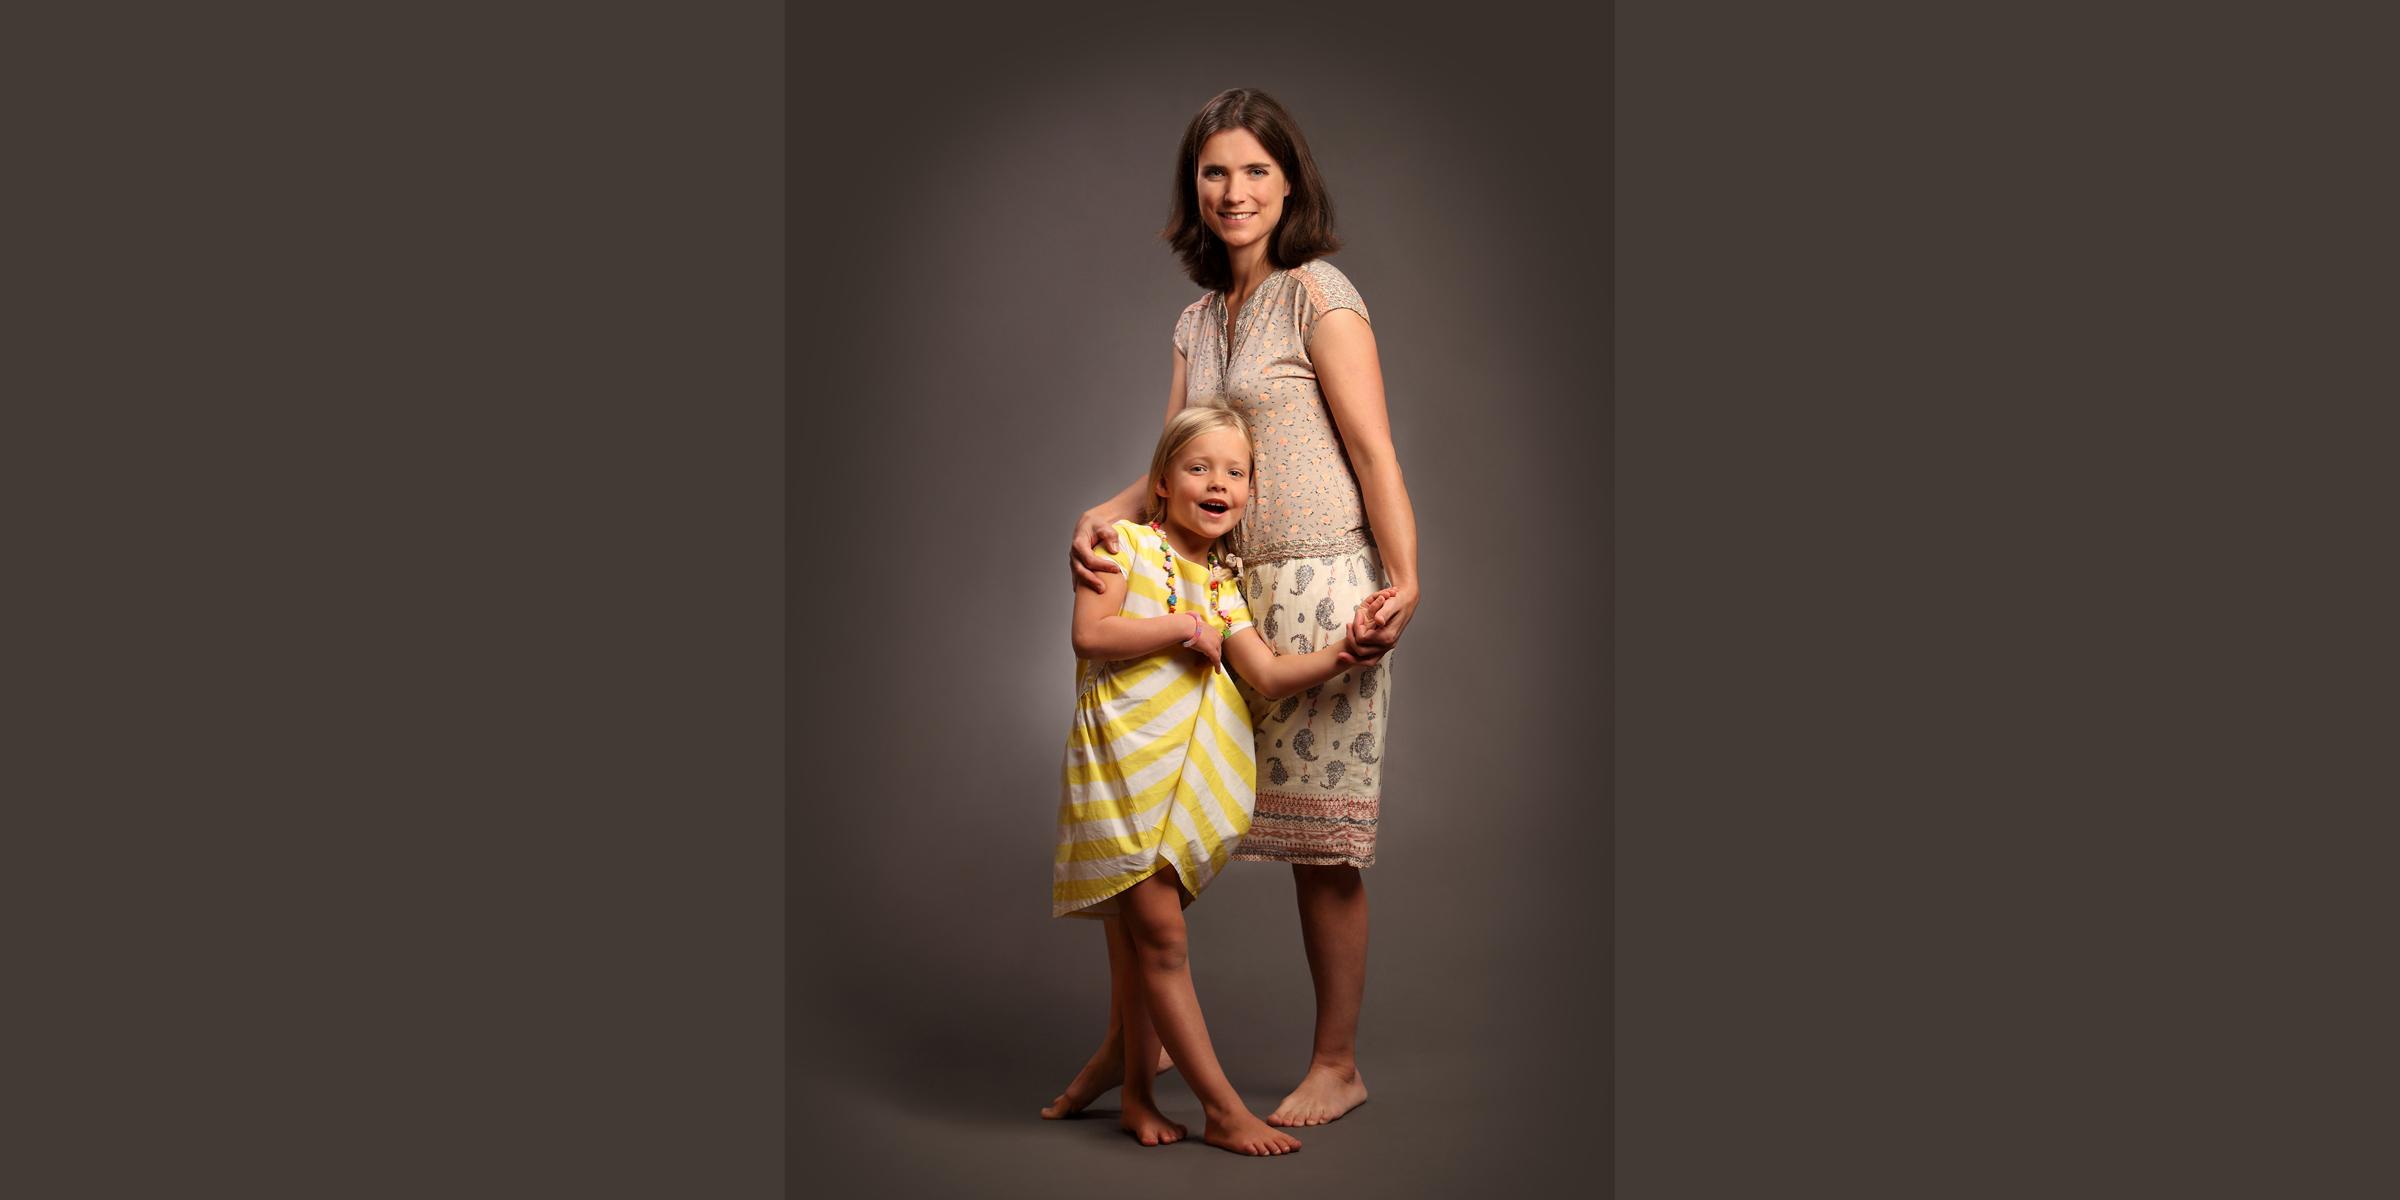 Ganzkörperportrait in Farbe von einer Frau in sommerlicher Kleidung, die ein kleines, blondes Mädchen umarmt, das in einem gelbgestreiften Kleid vor ihr für Familienfoto steht.